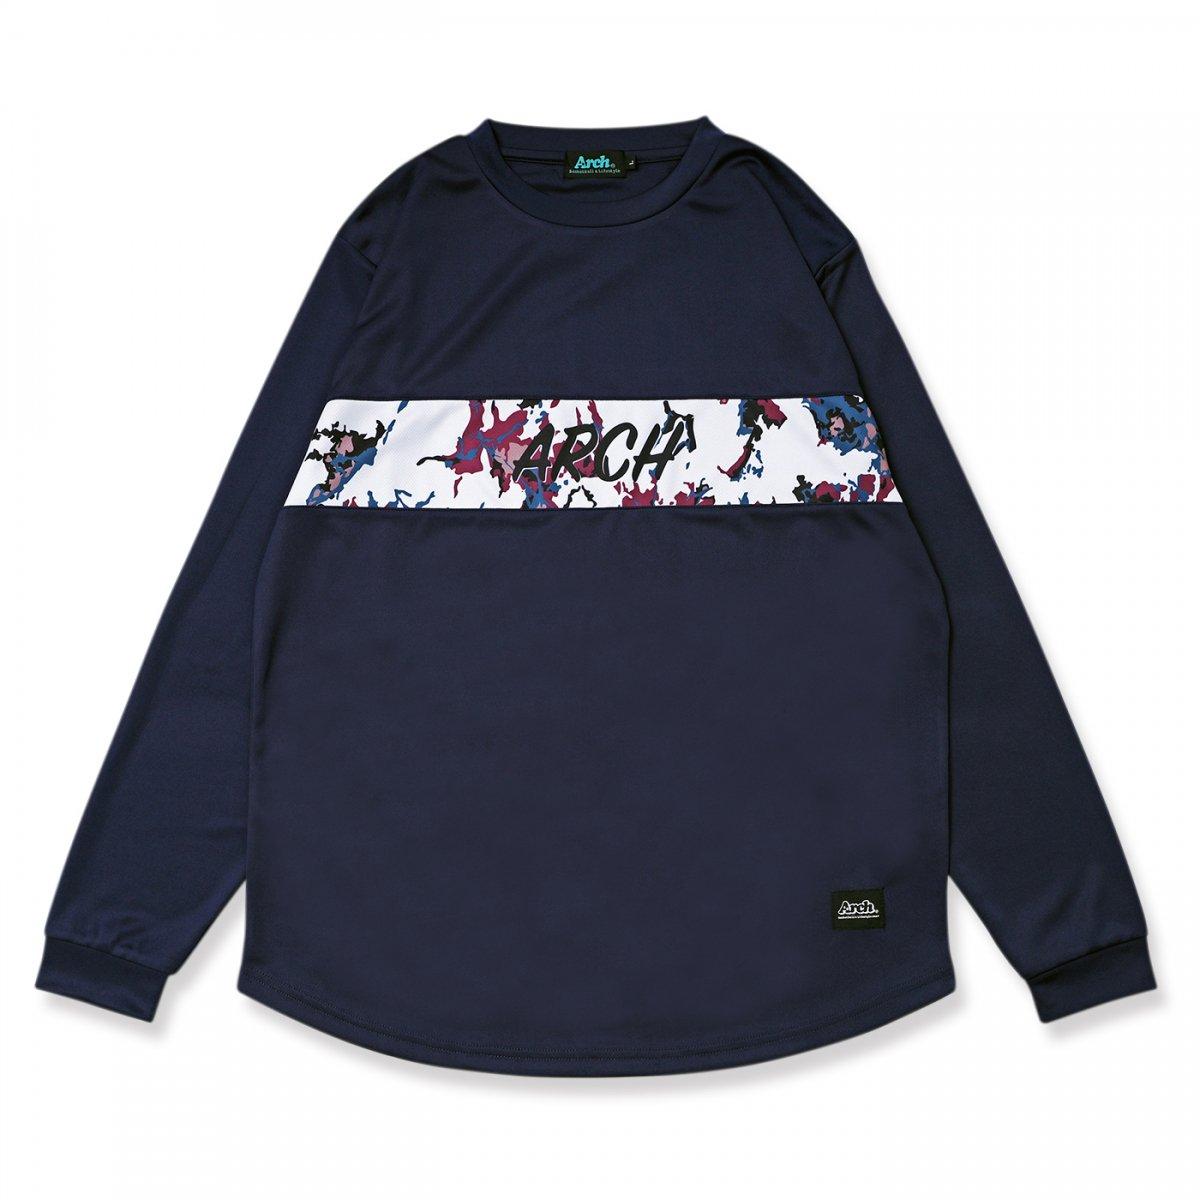 マーブリング L/S Tシャツ ネイビー